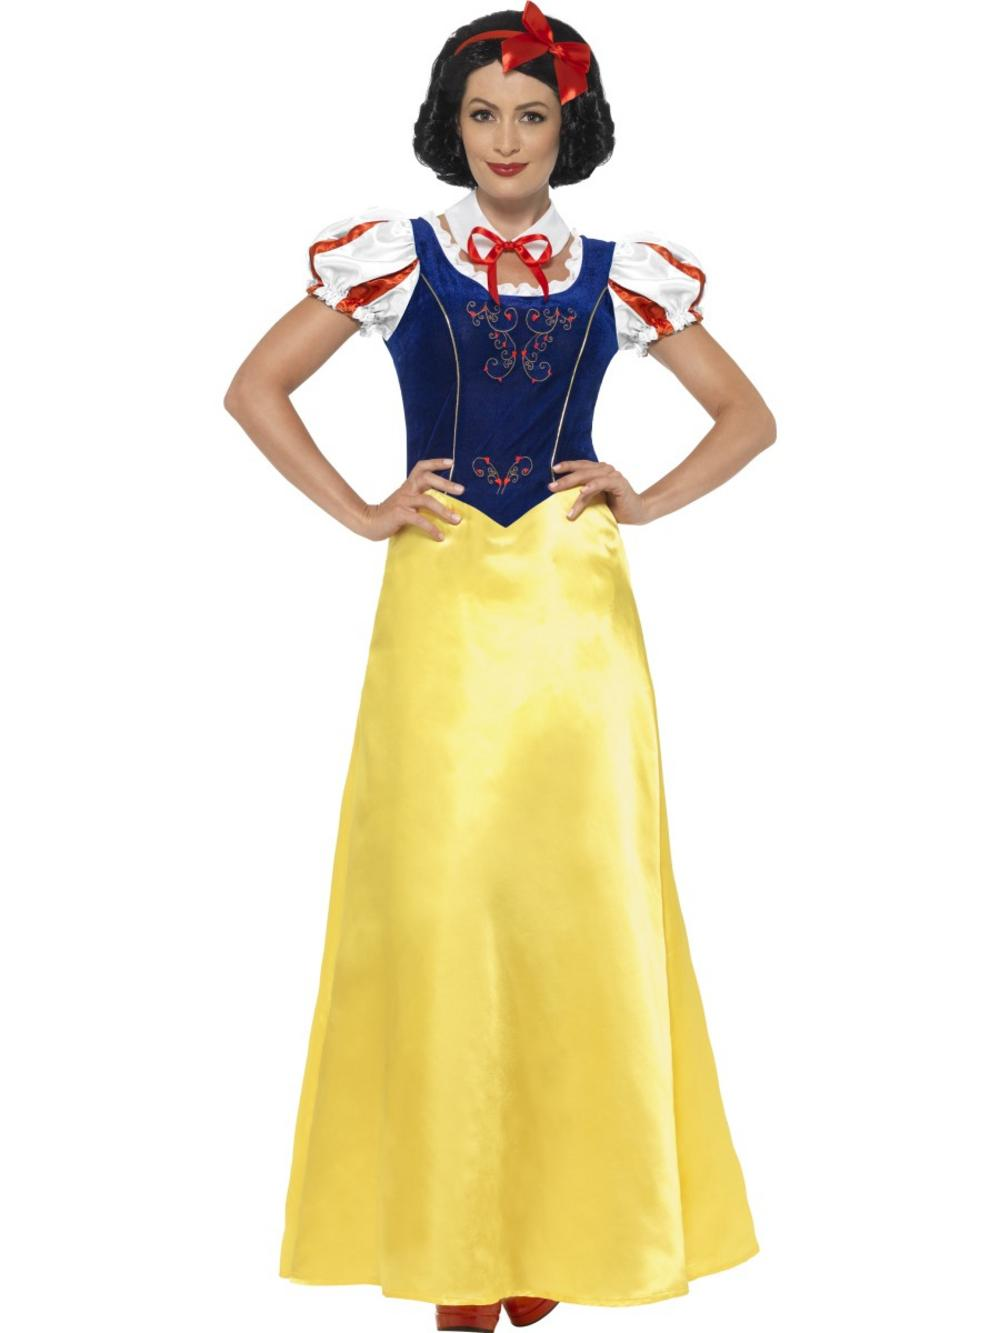 Princess Snow Costume